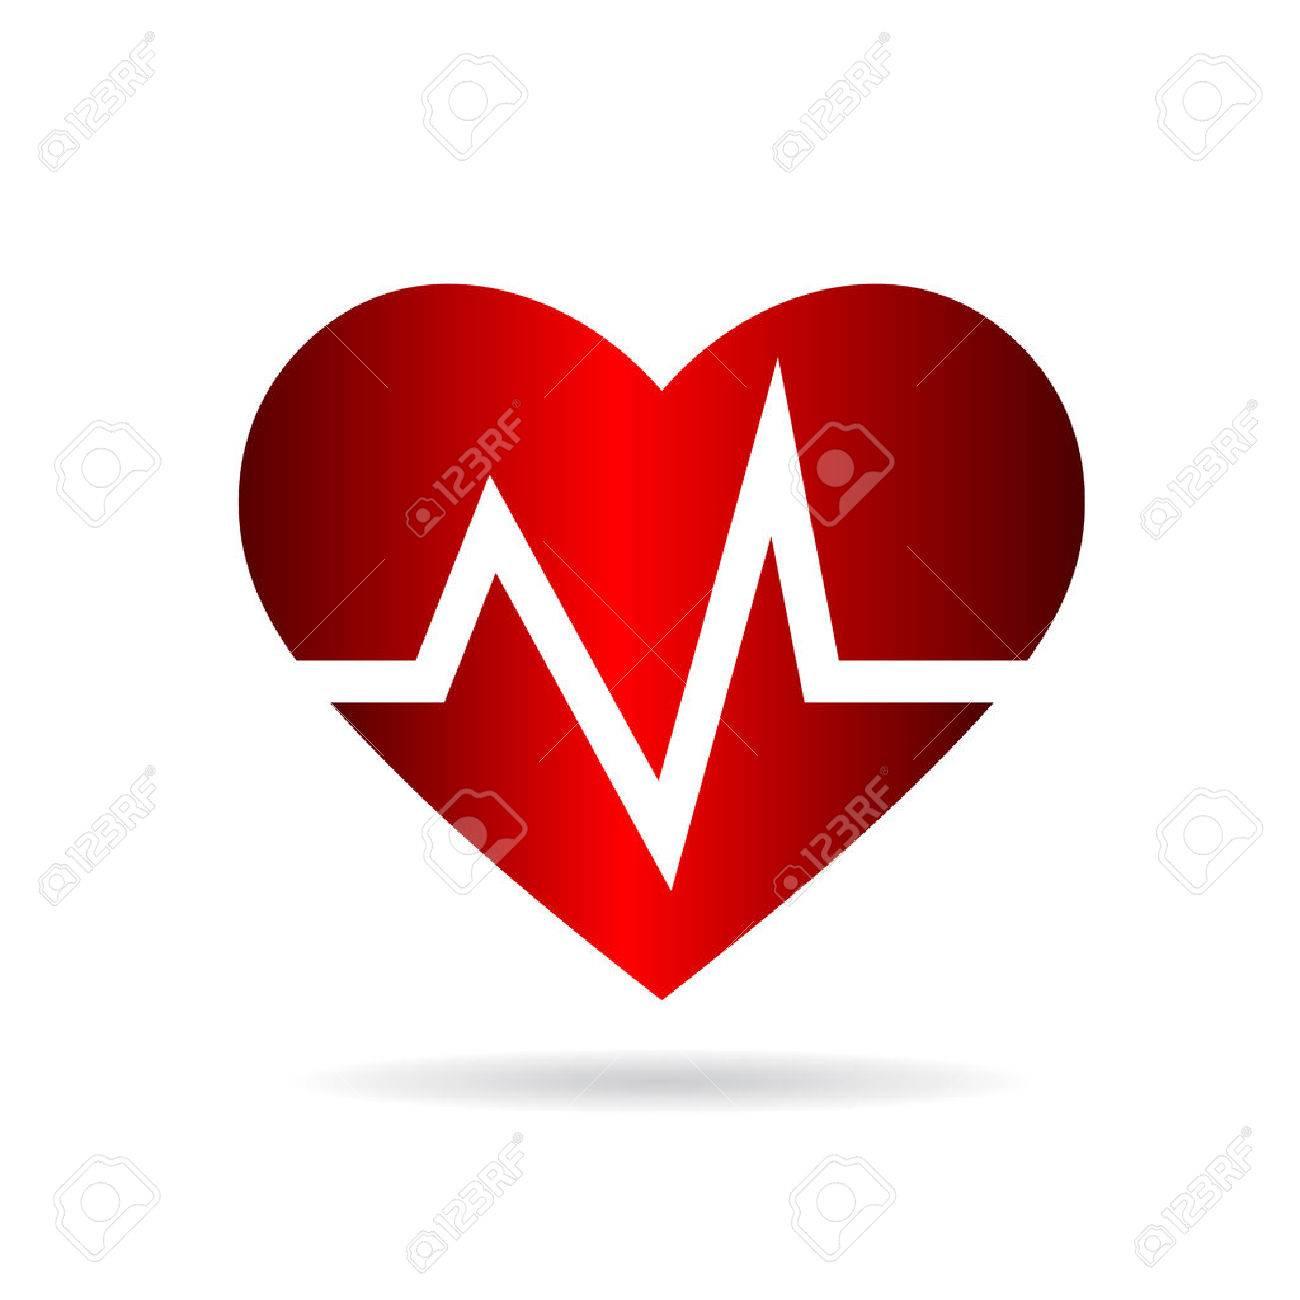 Frequenza del battito cardiaco, cardio e medicina Archivio Fotografico - 39447352